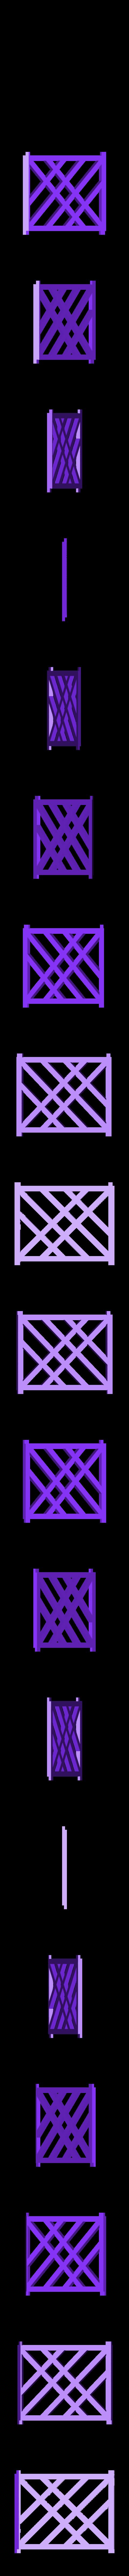 wall.stl Télécharger fichier STL gratuit Porte-bobine à filament modulaire • Plan à imprimer en 3D, Qelorliss